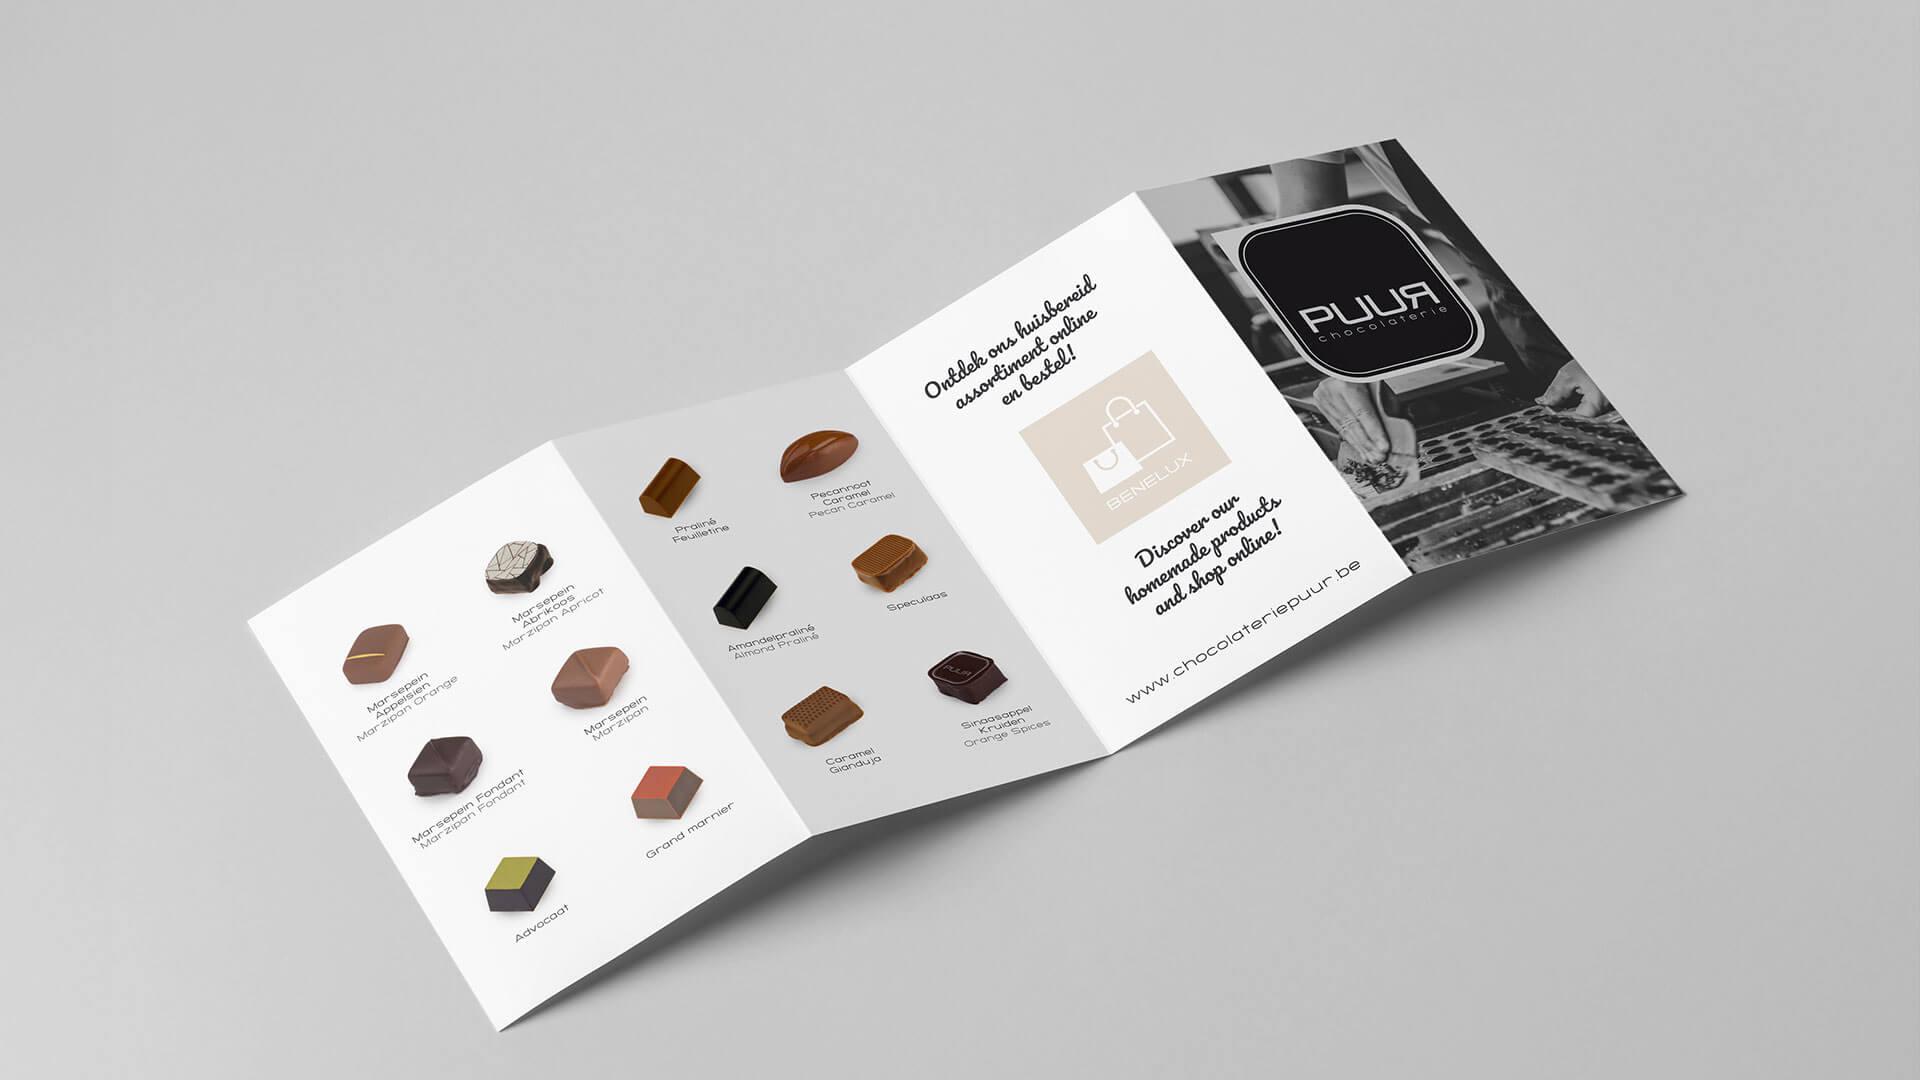 FATMAMA-portfolio-mockup-PUUR-drukwerk